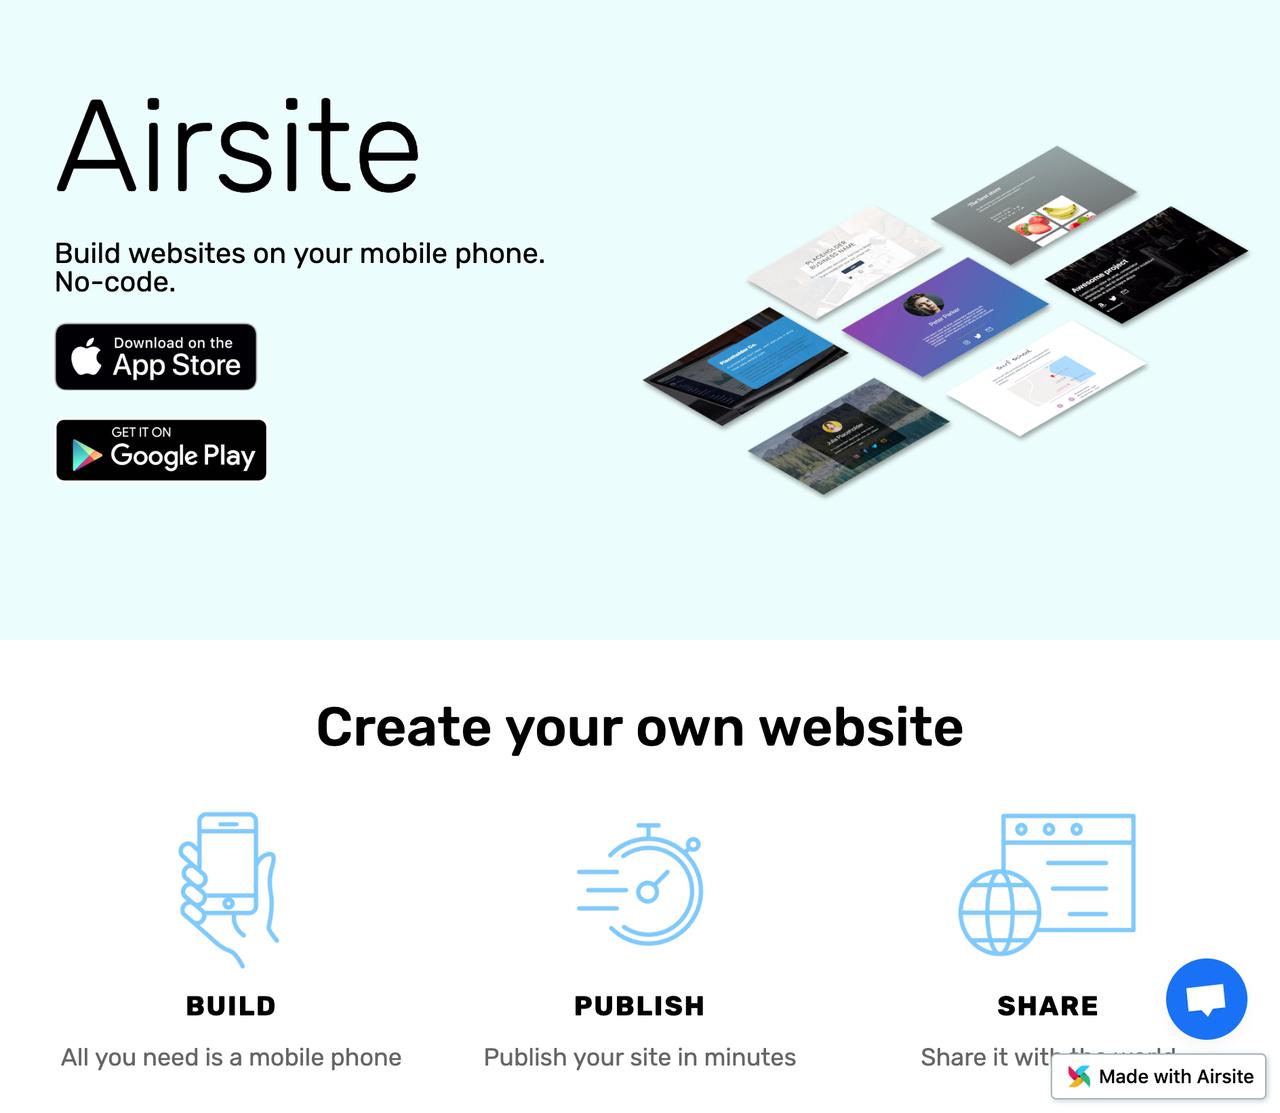 Airsite